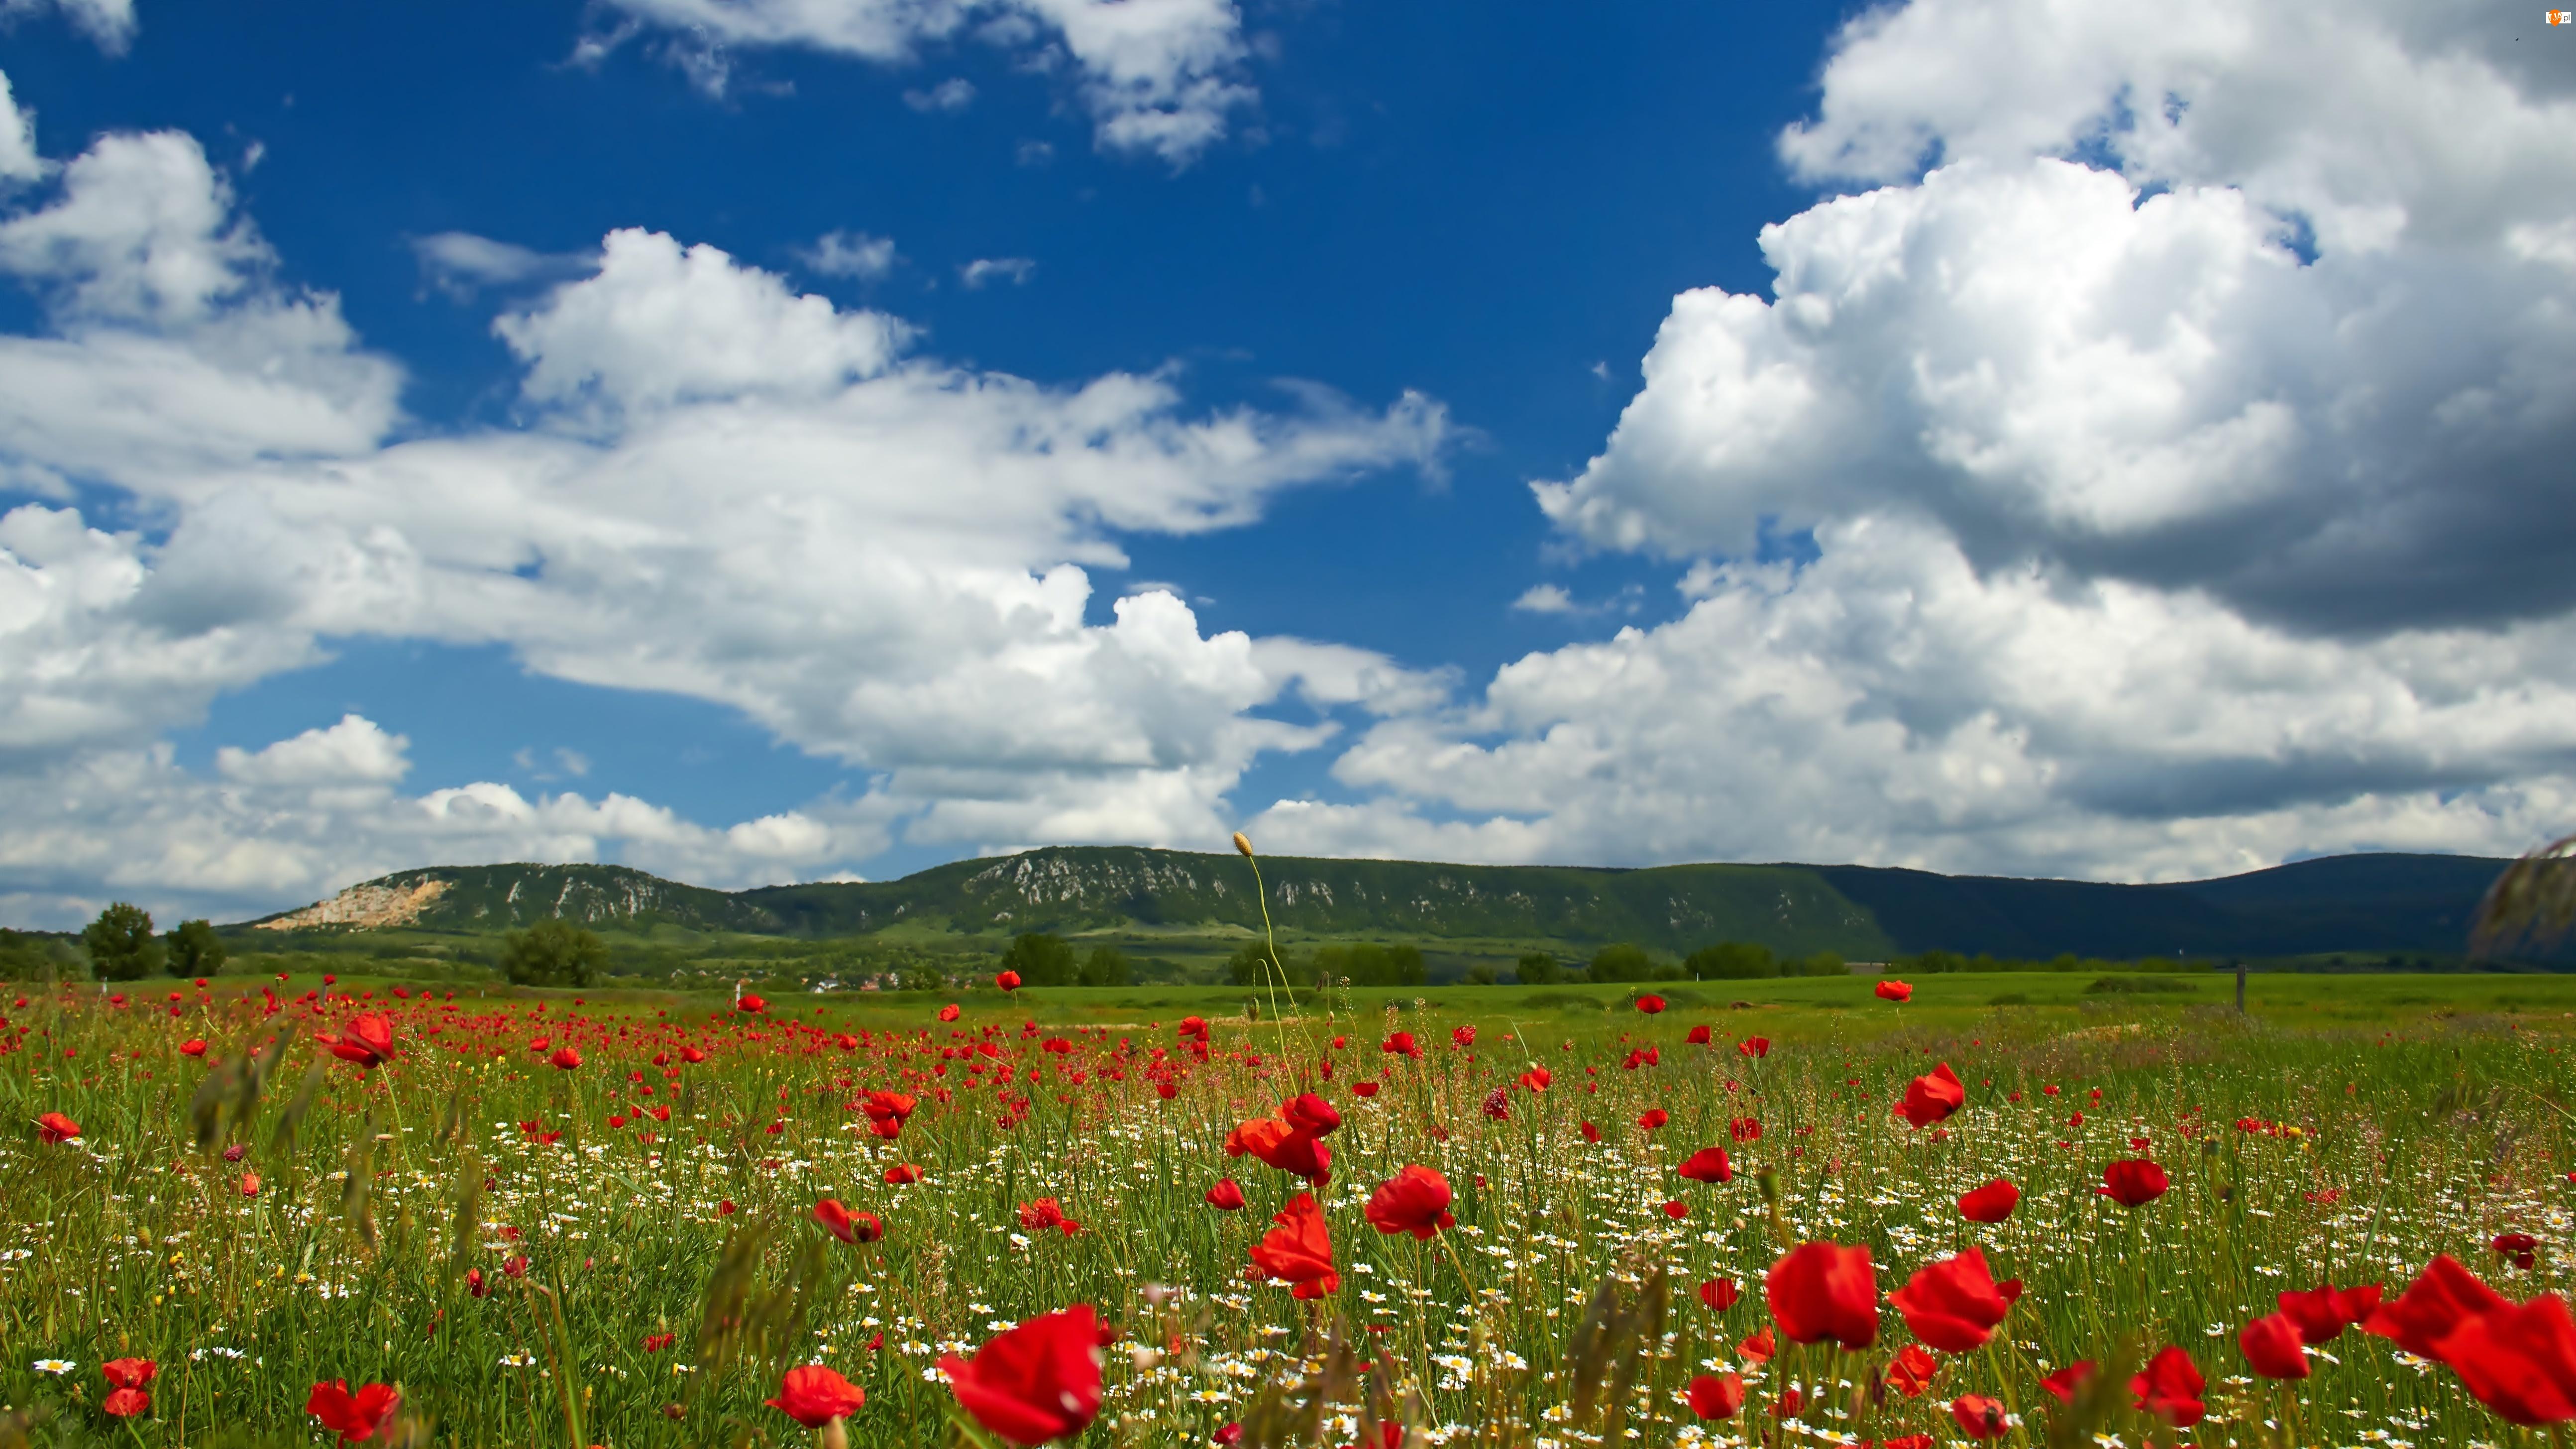 Niebo, Rumianki, Trawa, Łąka, Chmury, Maki, Góry